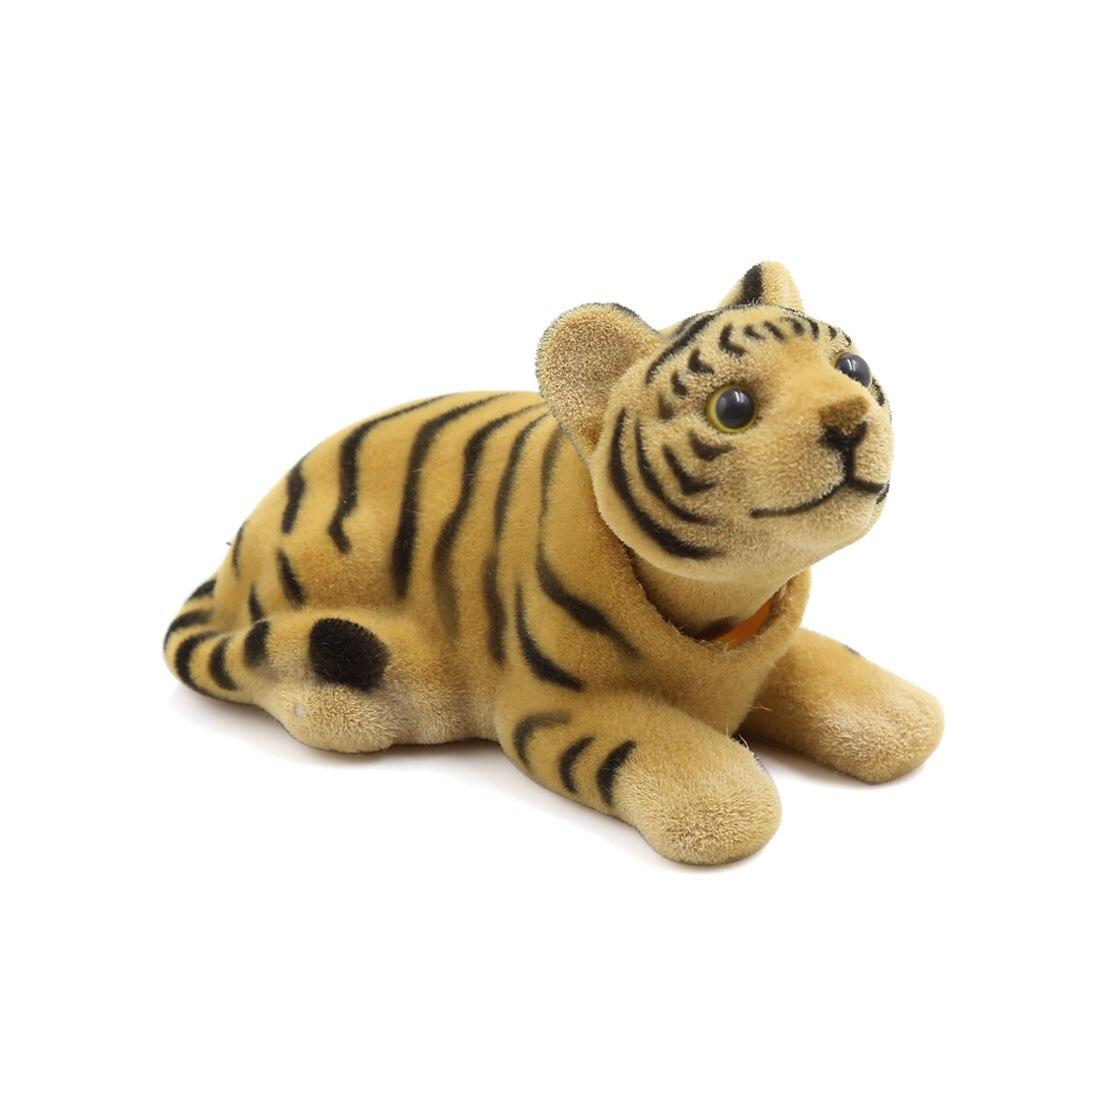 X autohaux авто интерьера качает головой тигра Форма кивнув собака желтый черный